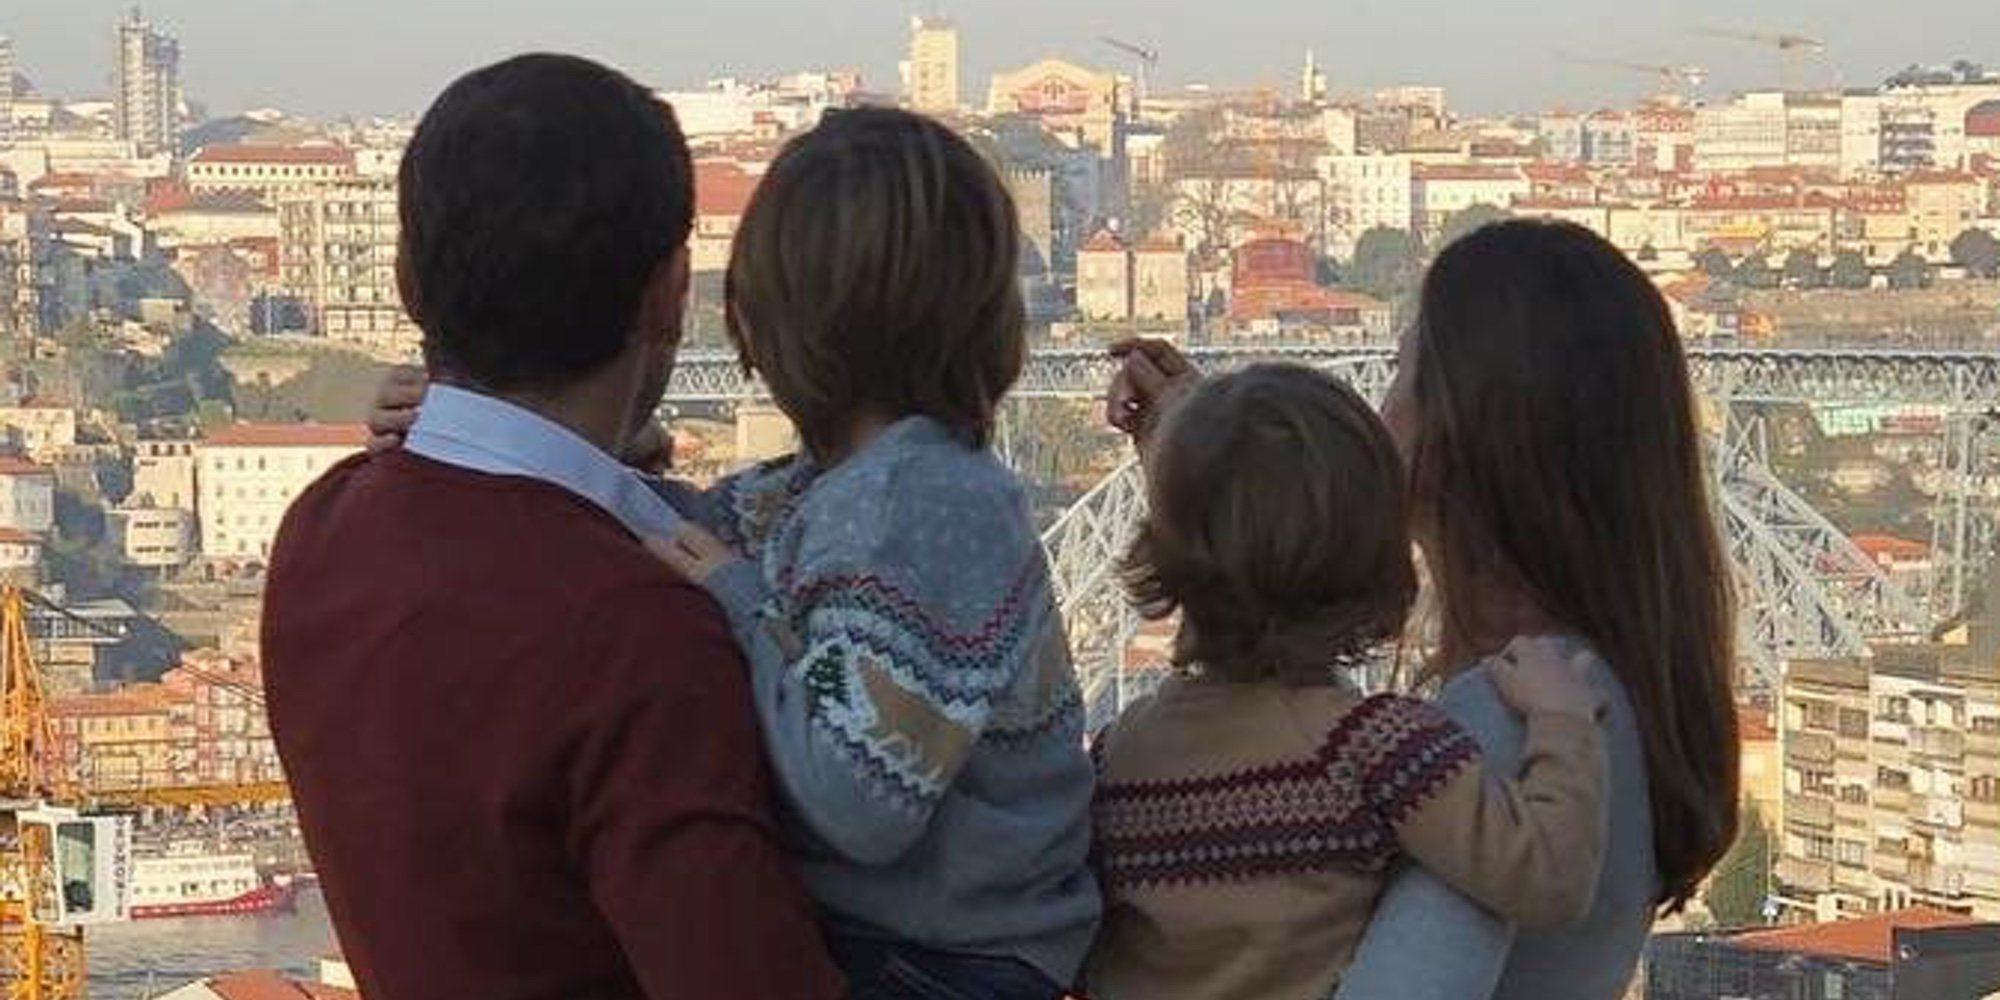 Sara Carbonero e Iker Casillas celebran el cumpleaños de su hijo Lucas tras su momento más complicado